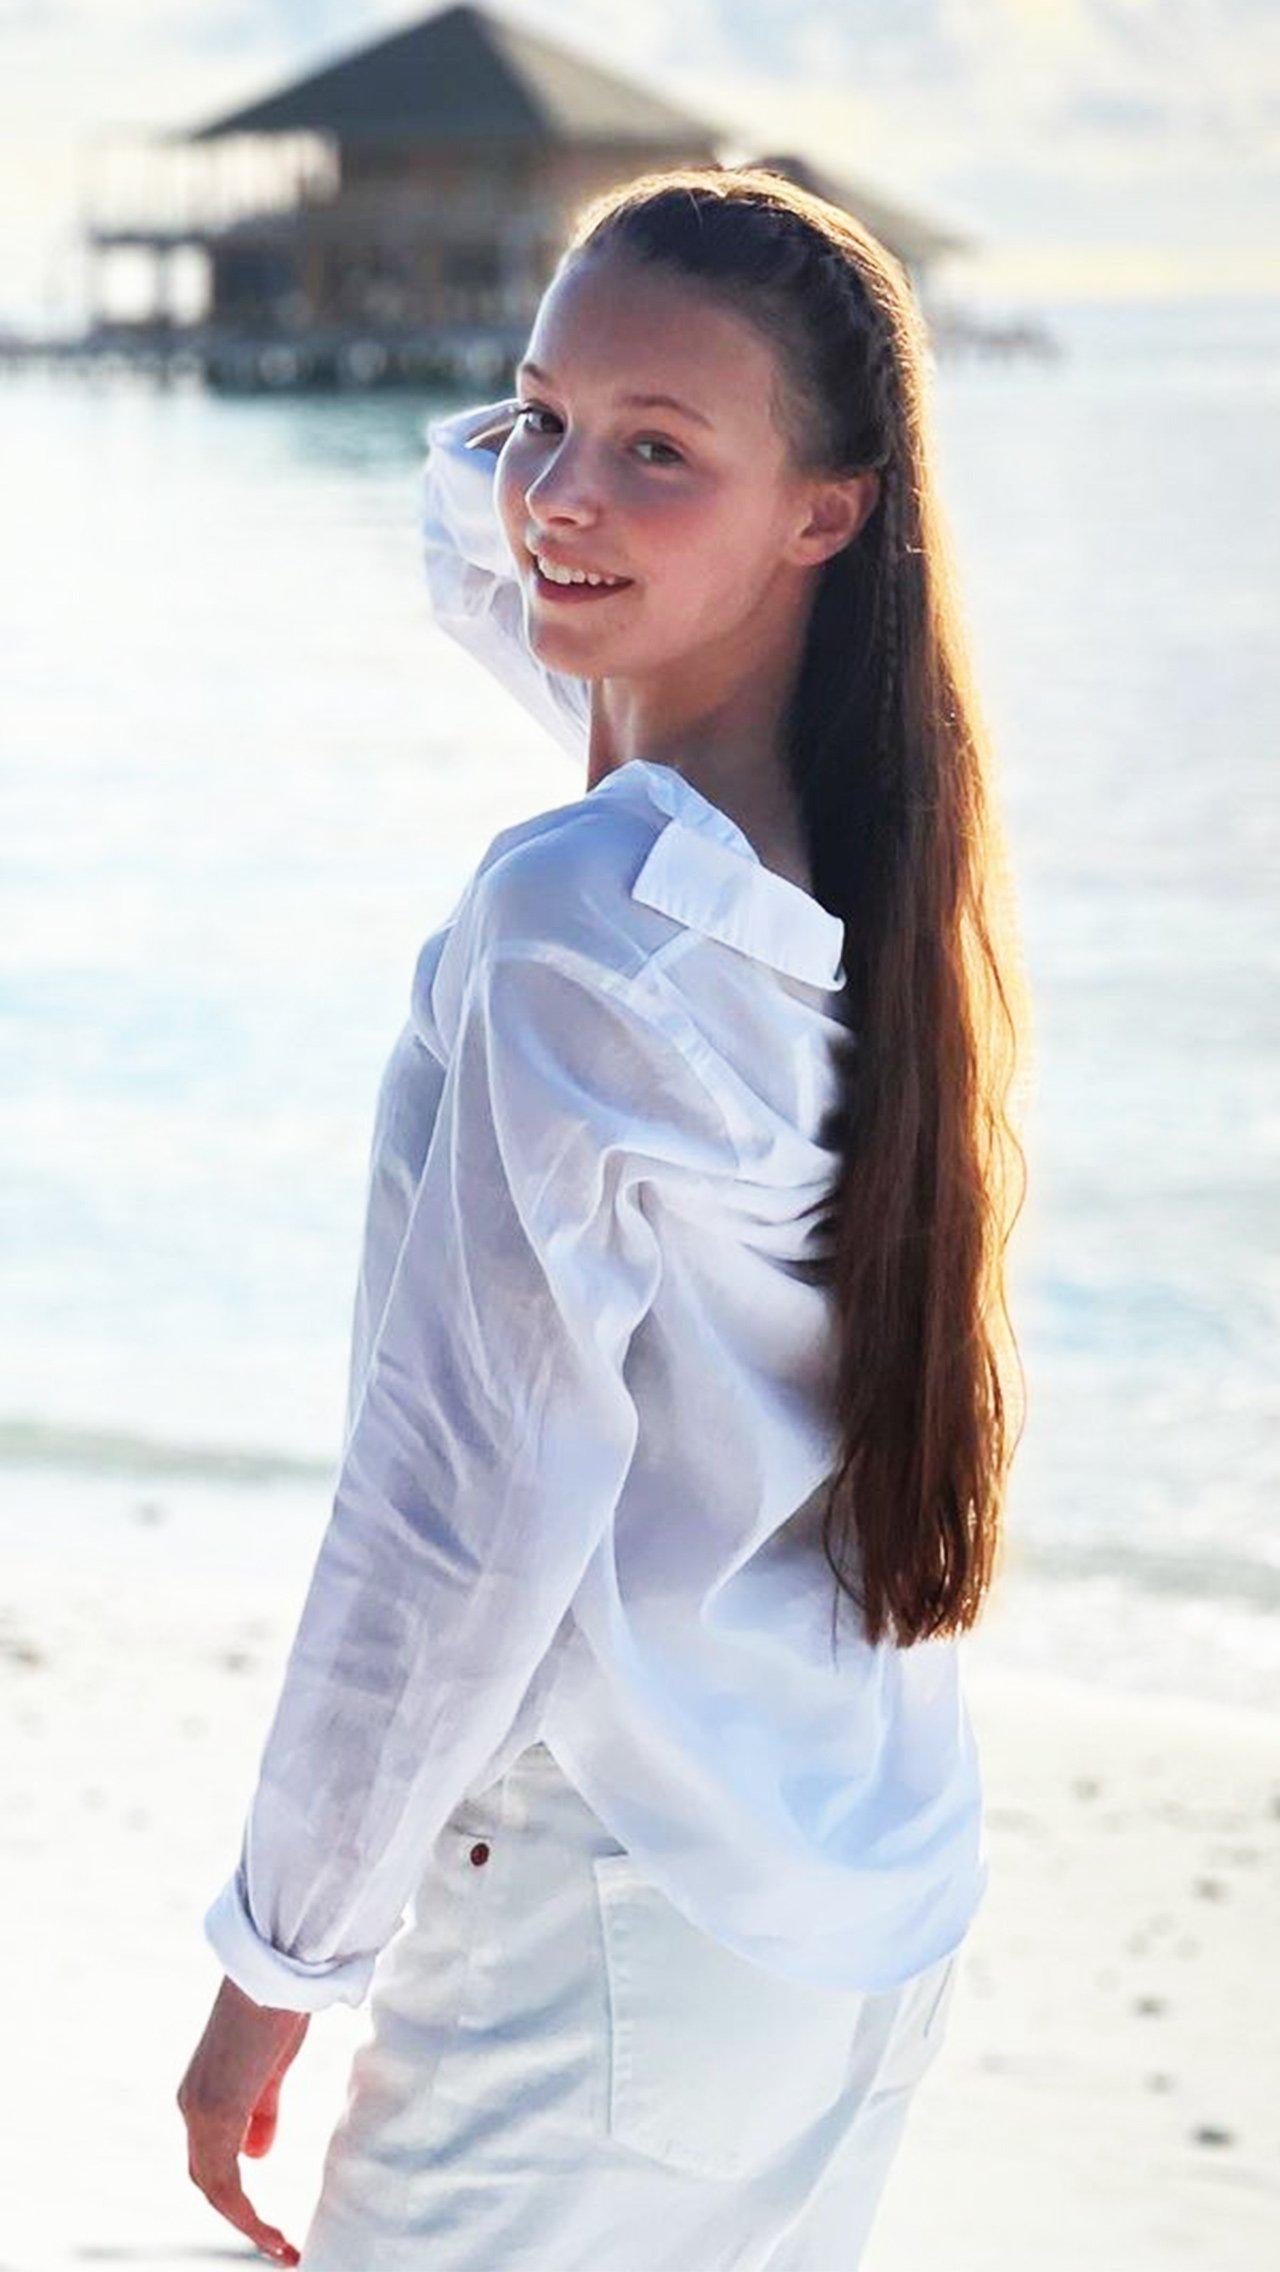 Анна Щербакова буквально светится от счастья во время долгожданного отпуска.